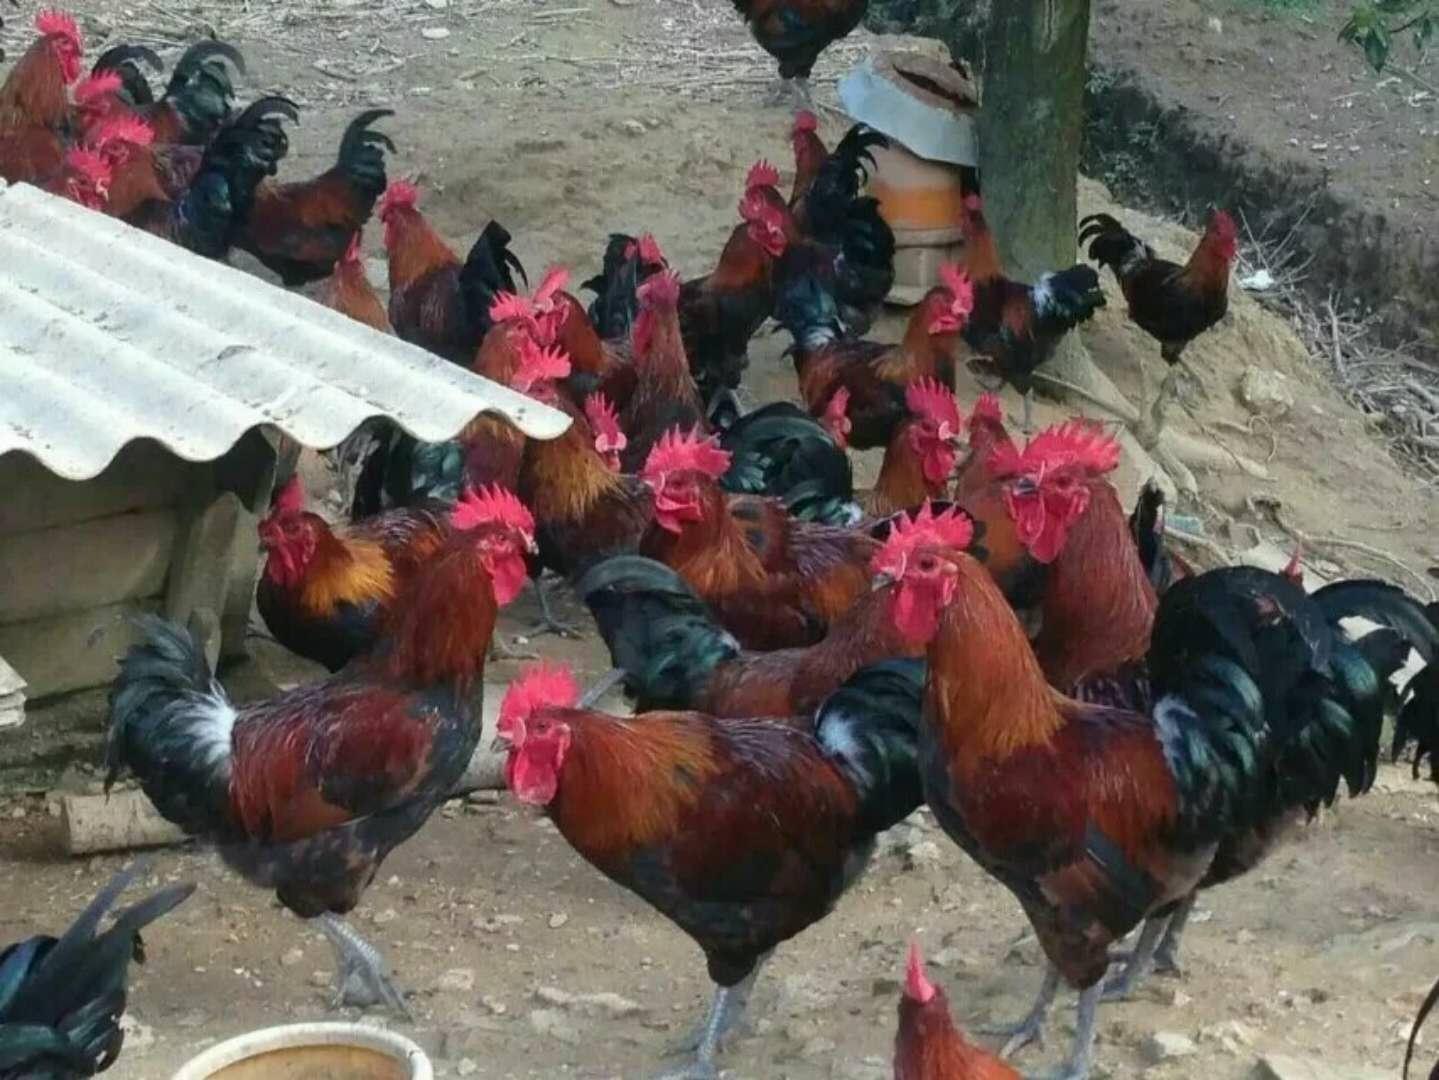 贵阳绿壳蛋鸡苗 贵阳绿壳蛋鸡苗批发 贵阳绿壳蛋鸡苗批发商 贵阳绿壳蛋鸡苗供应